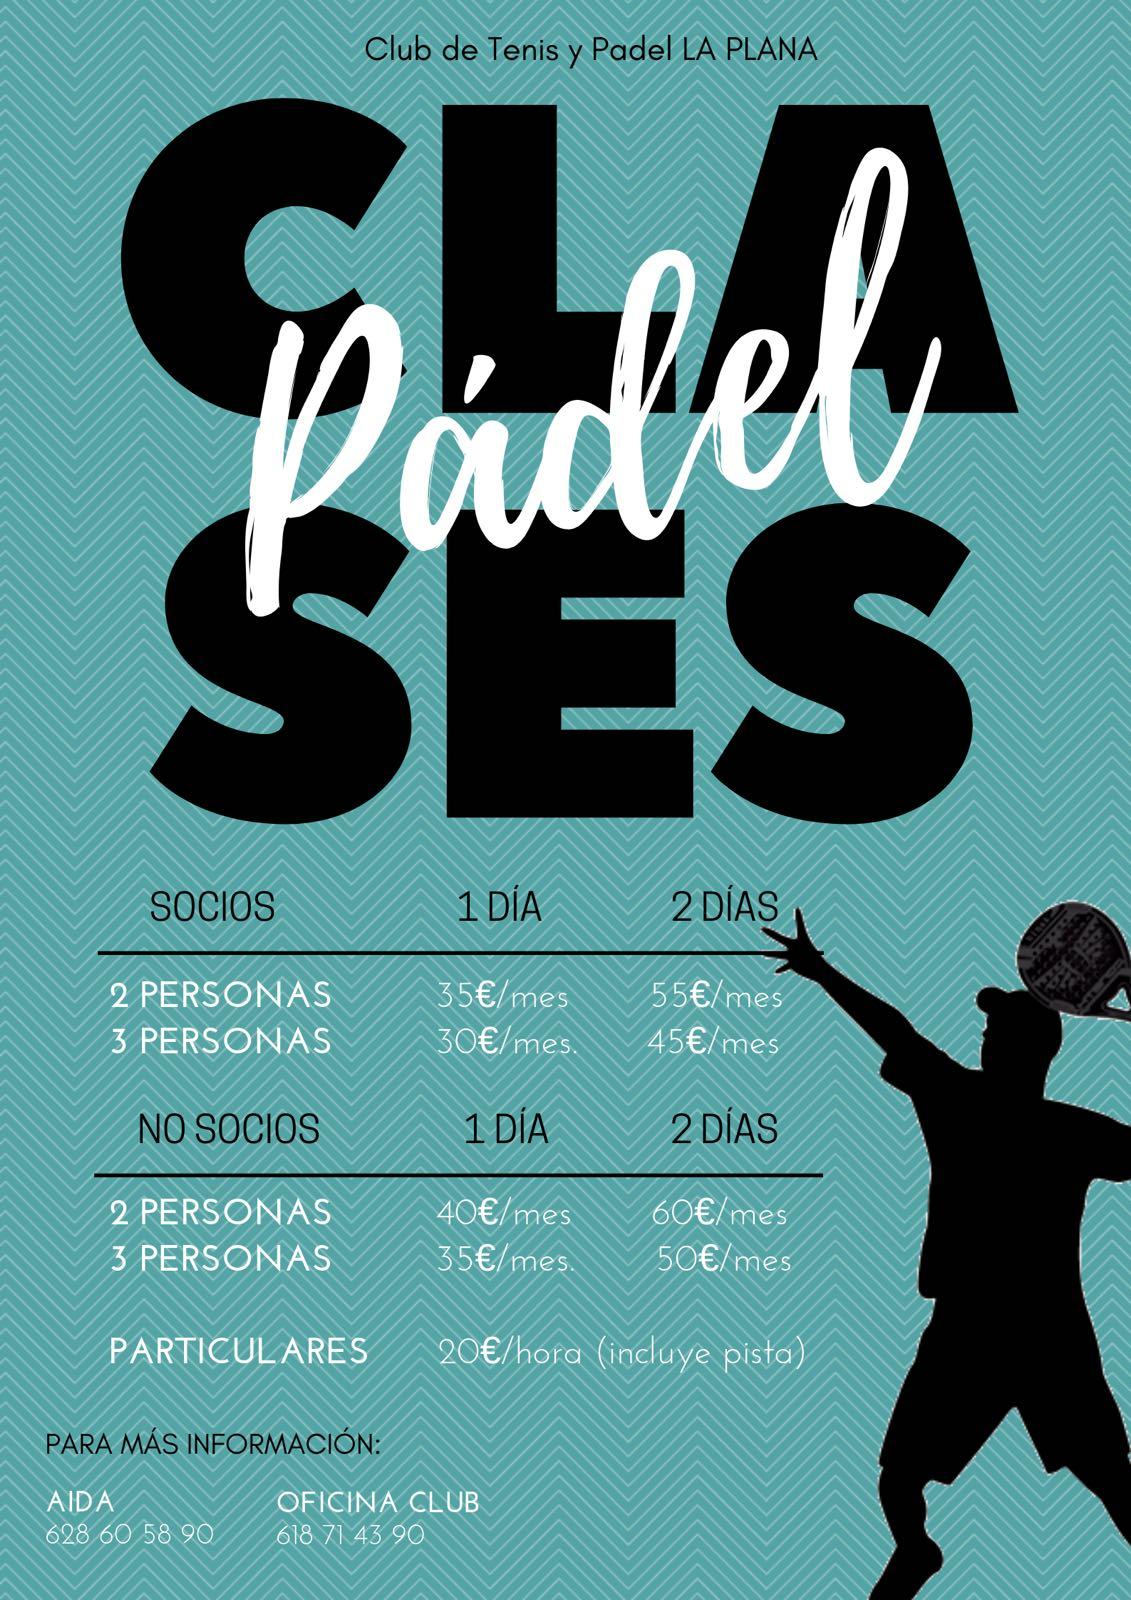 Clases de Padel en CTP La Plana